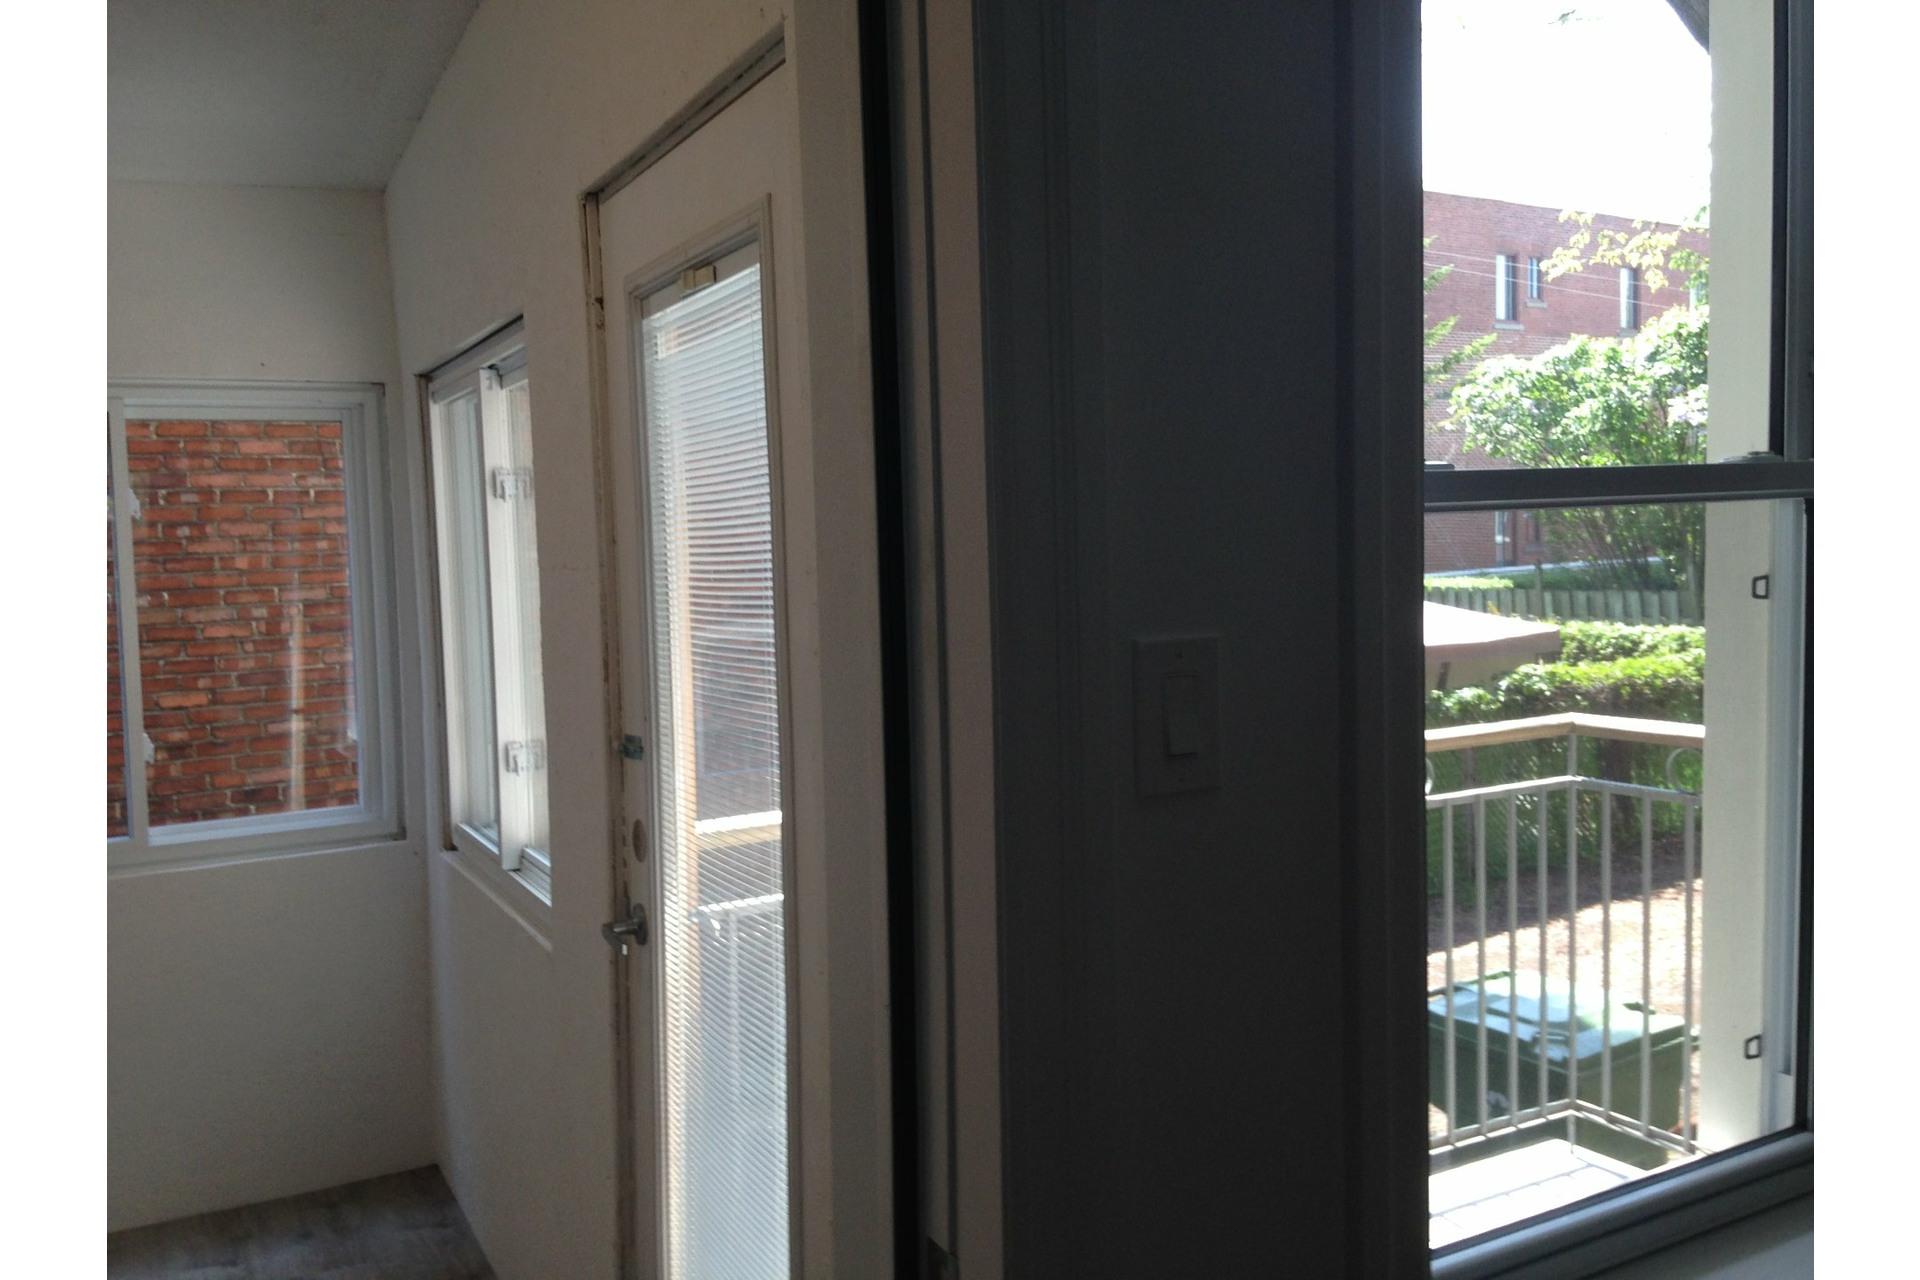 image 25 - Appartement À louer Côte-des-Neiges/Notre-Dame-de-Grâce Montréal  - 7 pièces